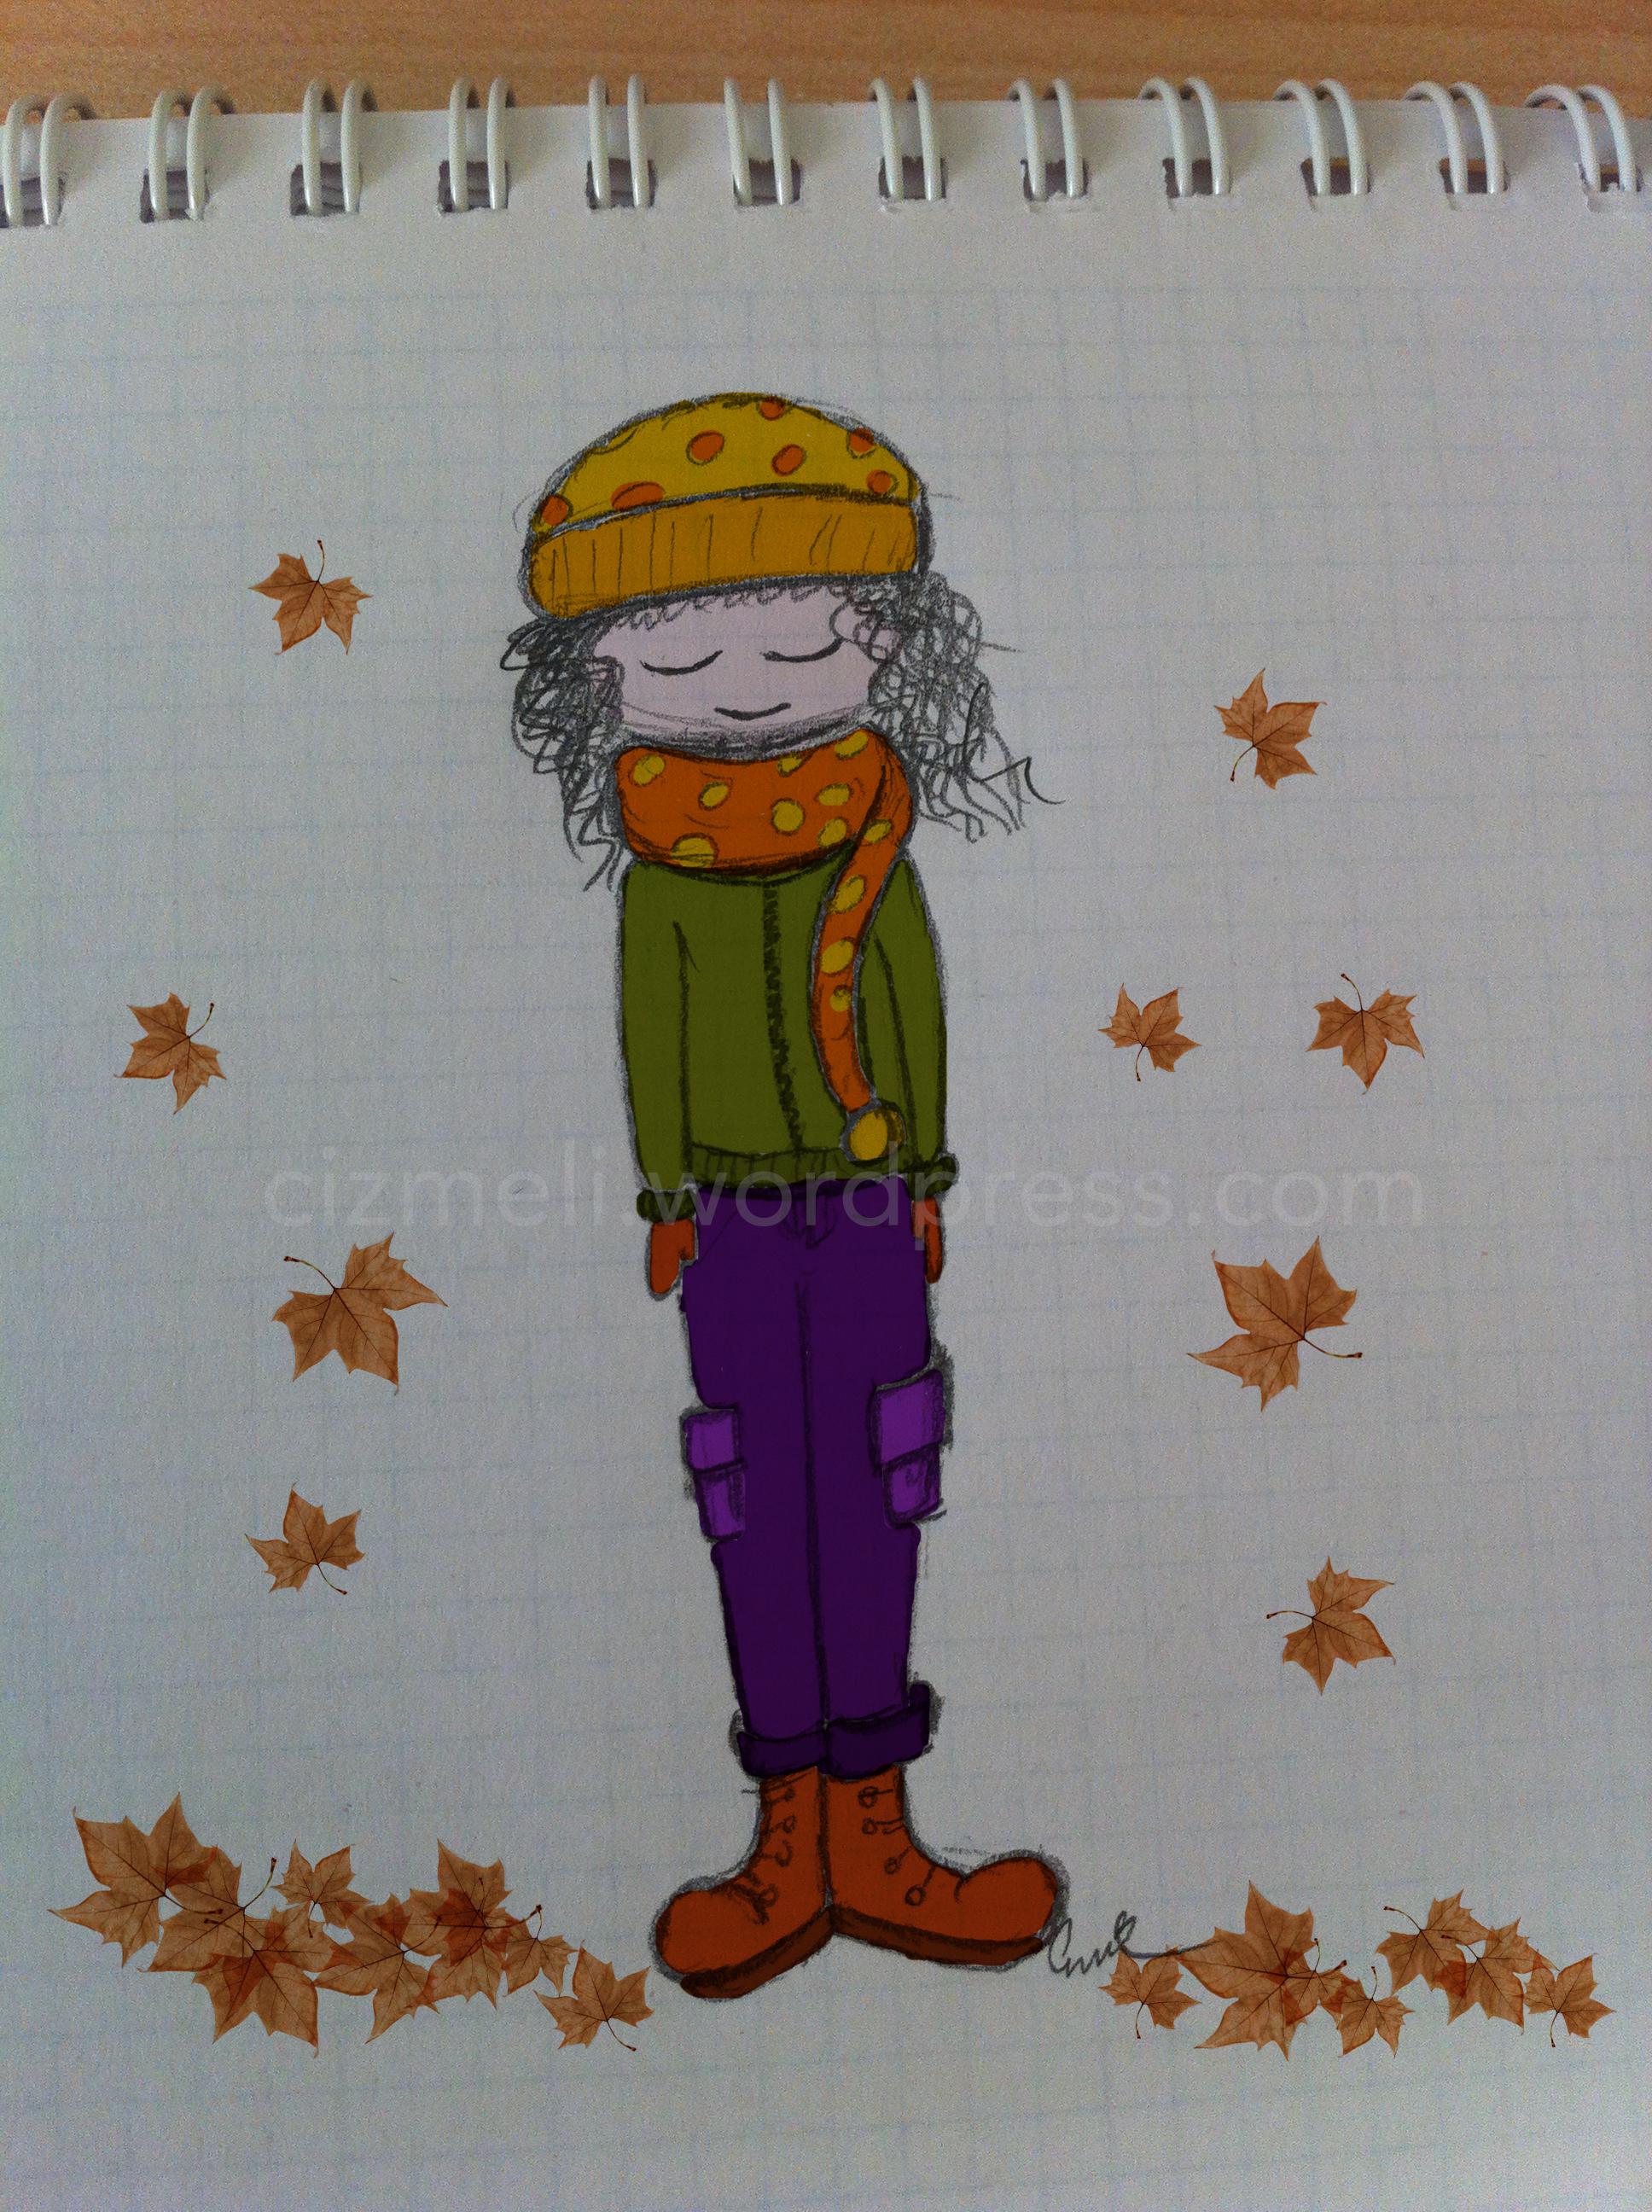 Sonbahar şimdi Birşeyler çizmeli